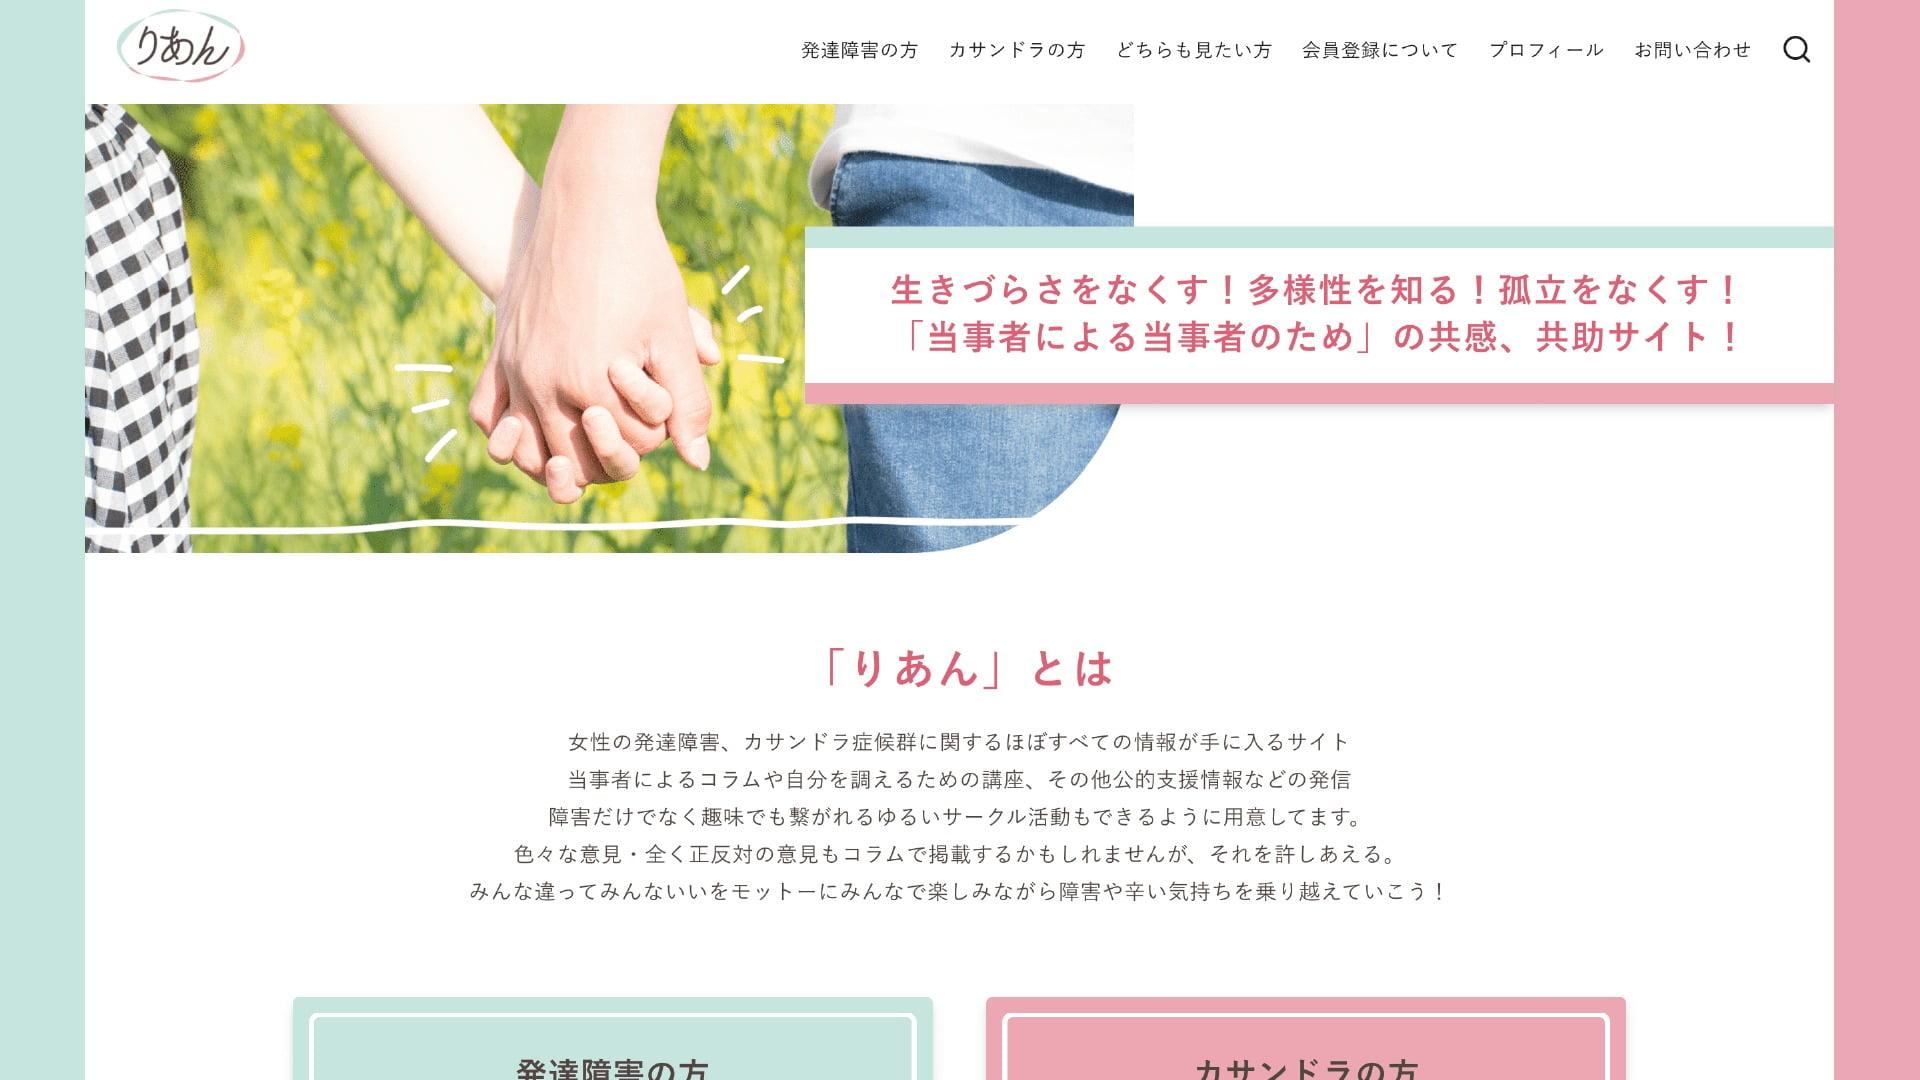 りあん さま WEBサイト